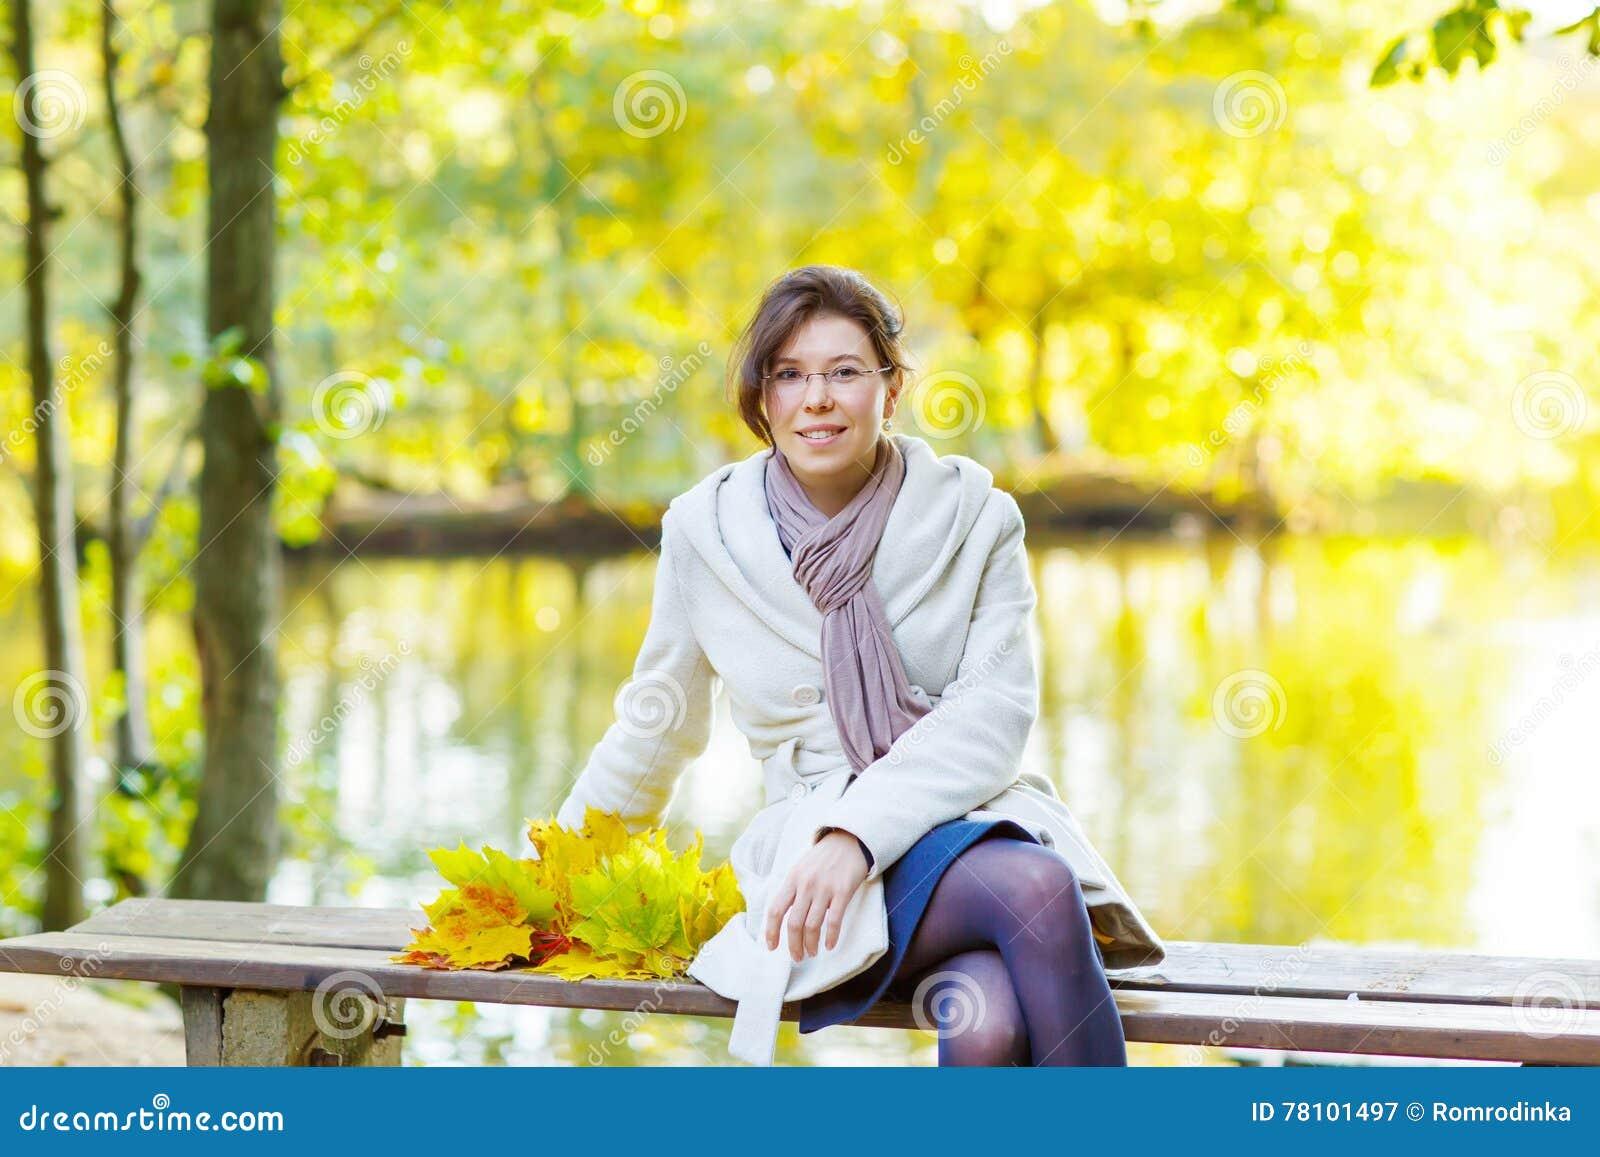 Glückliche junge Frau mit Herbstahornblattgirlande im Park